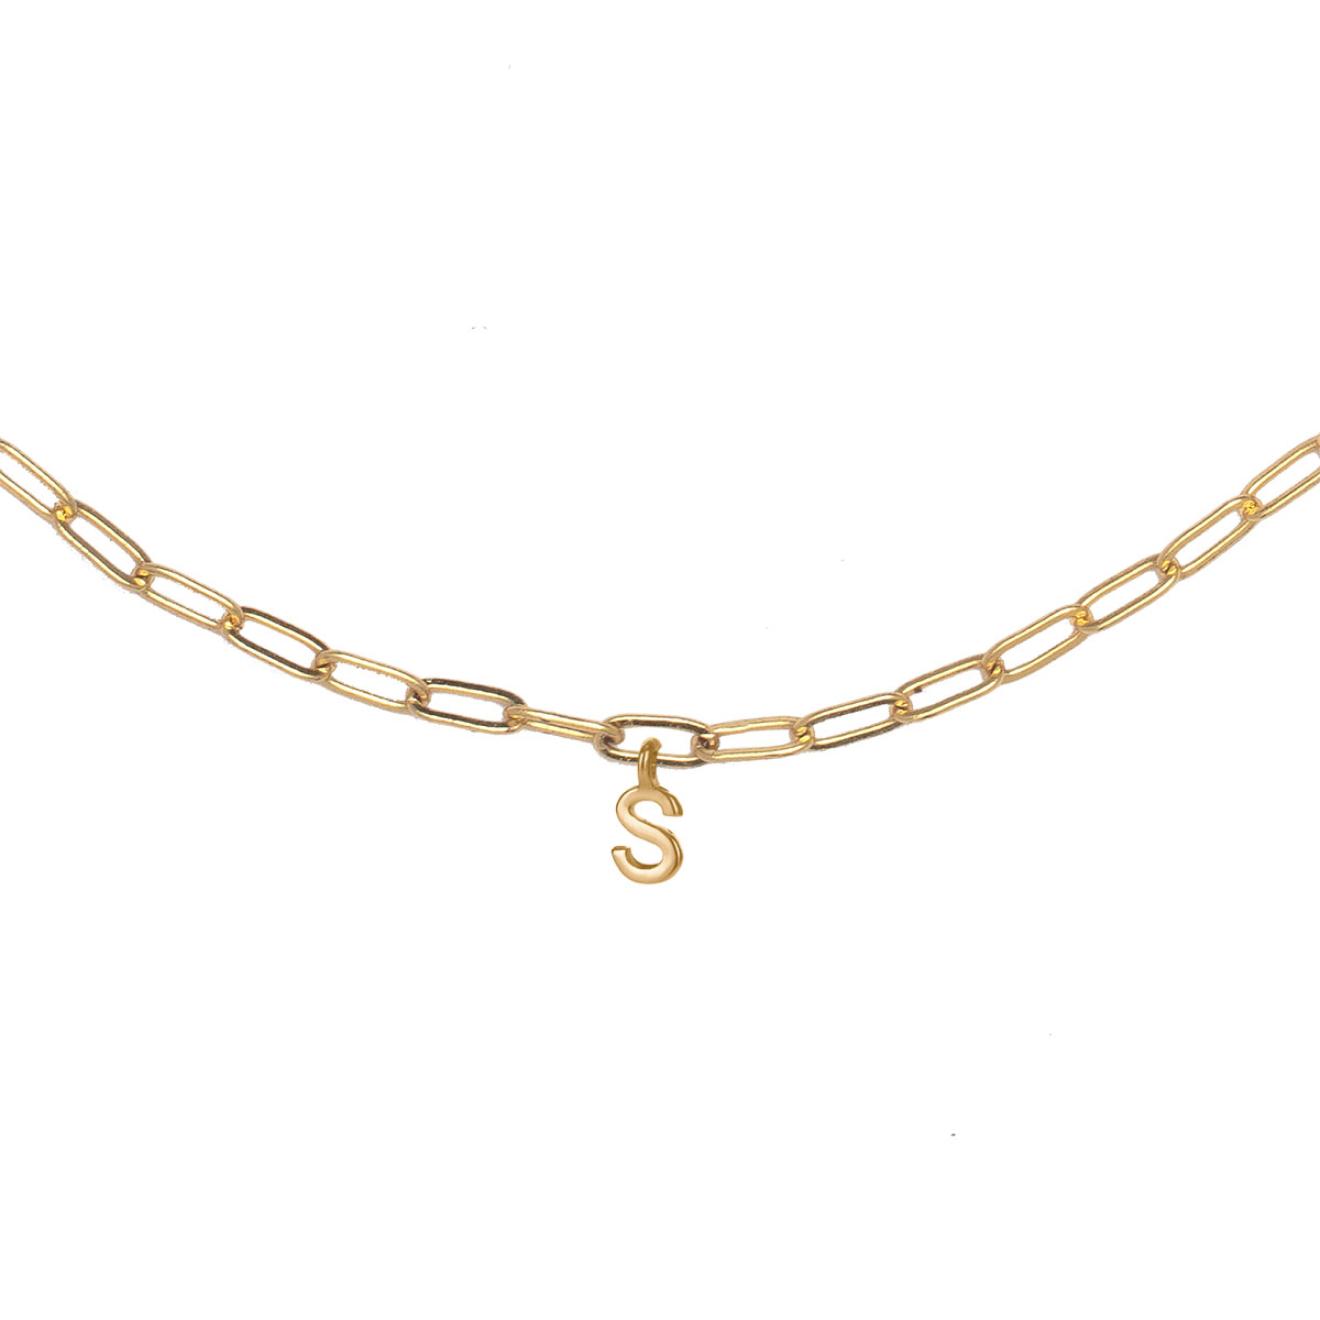 Фото - Ringstone Позолоченное колье-цепь с буквой S ringstone жемчужное ожерелье с буквой s ringstone